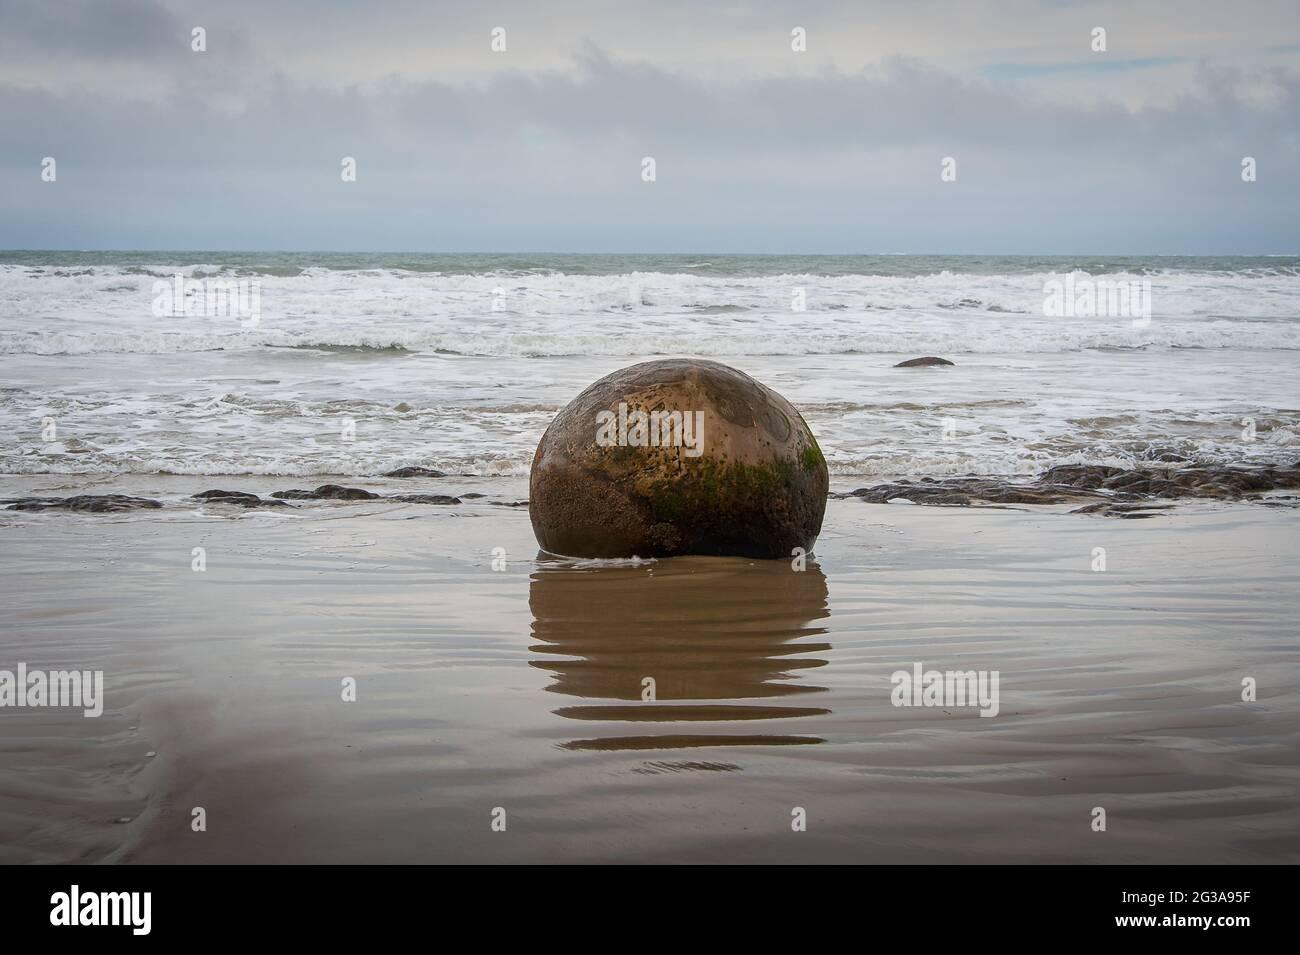 Les Moeraki Boulders sur la plage de Koekohe, Otago. Un seul rocher et des réflexions avec fond gris mer/ciel Banque D'Images